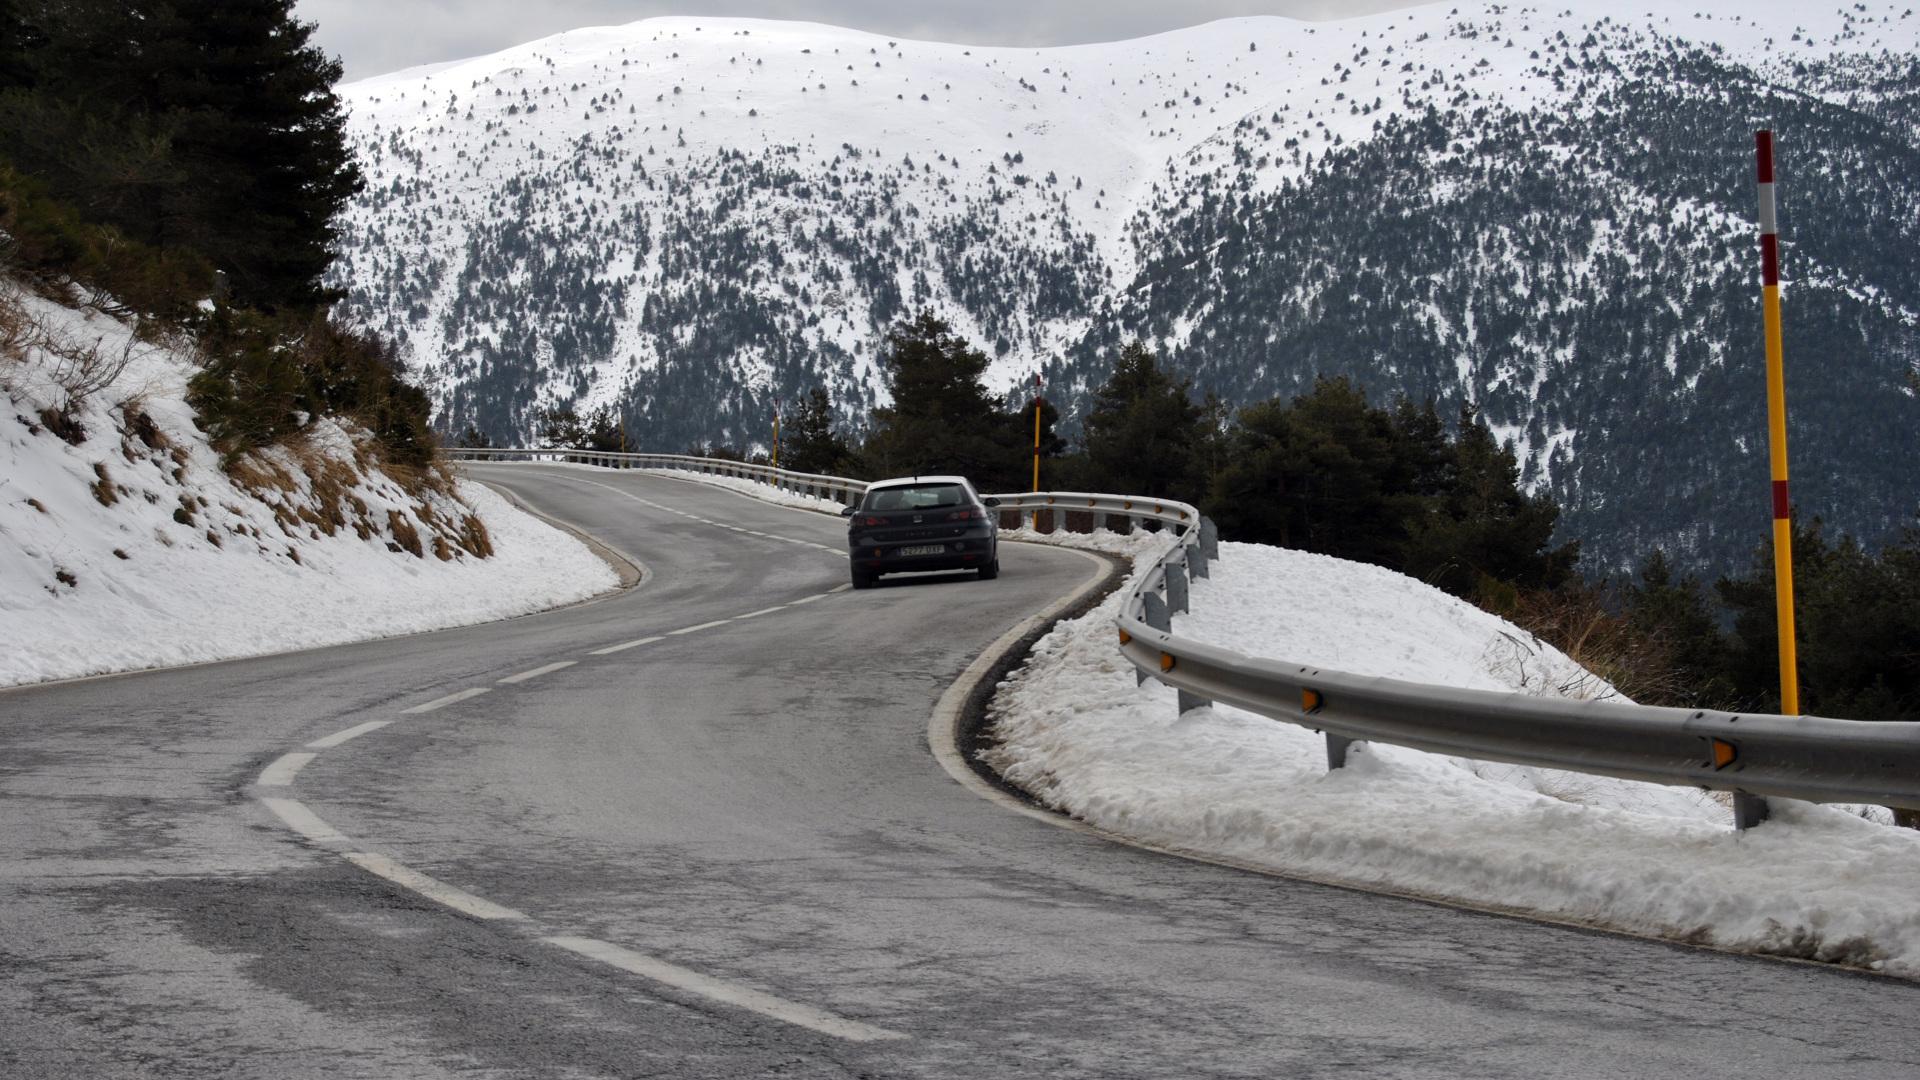 Es posible que este invierno nos veamos en la situacion de necesitar unas cadenas para poder circular con nuestro coche1920